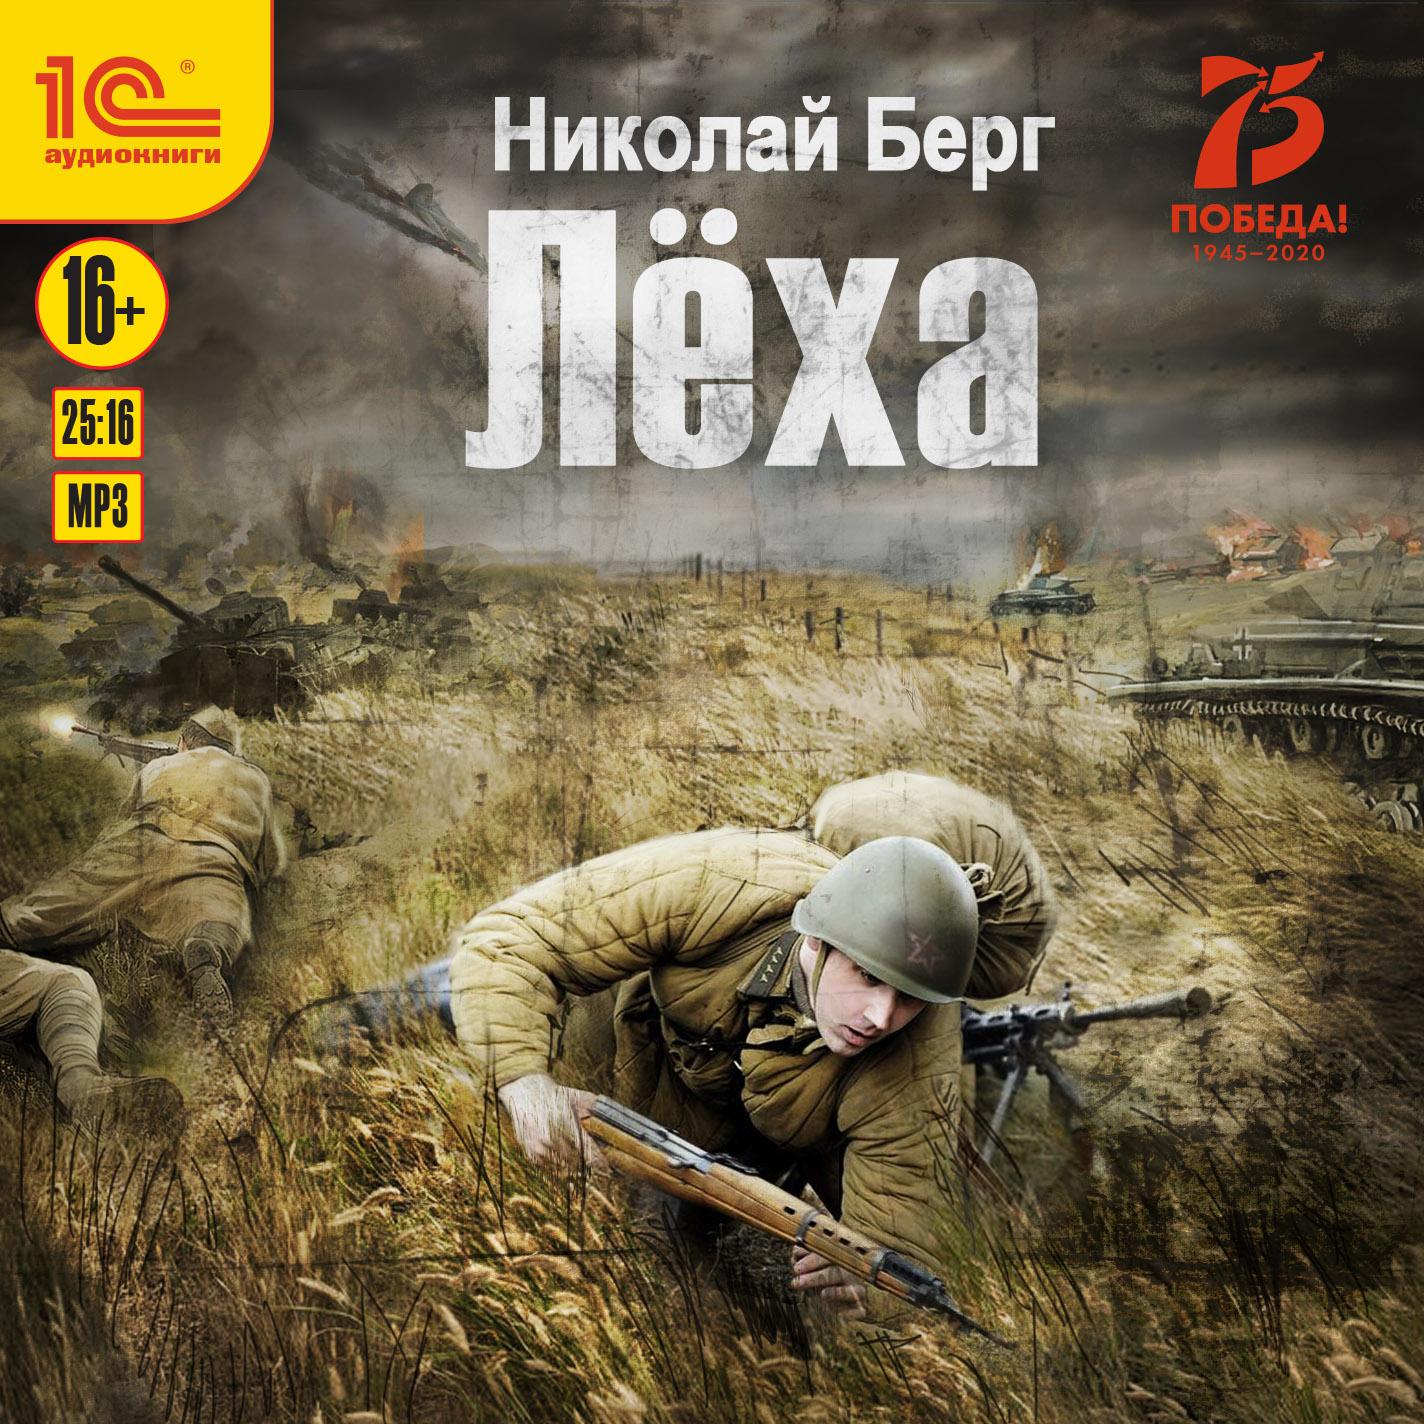 Николай Берг Лёха (цифровая версия) (Цифровая версия)